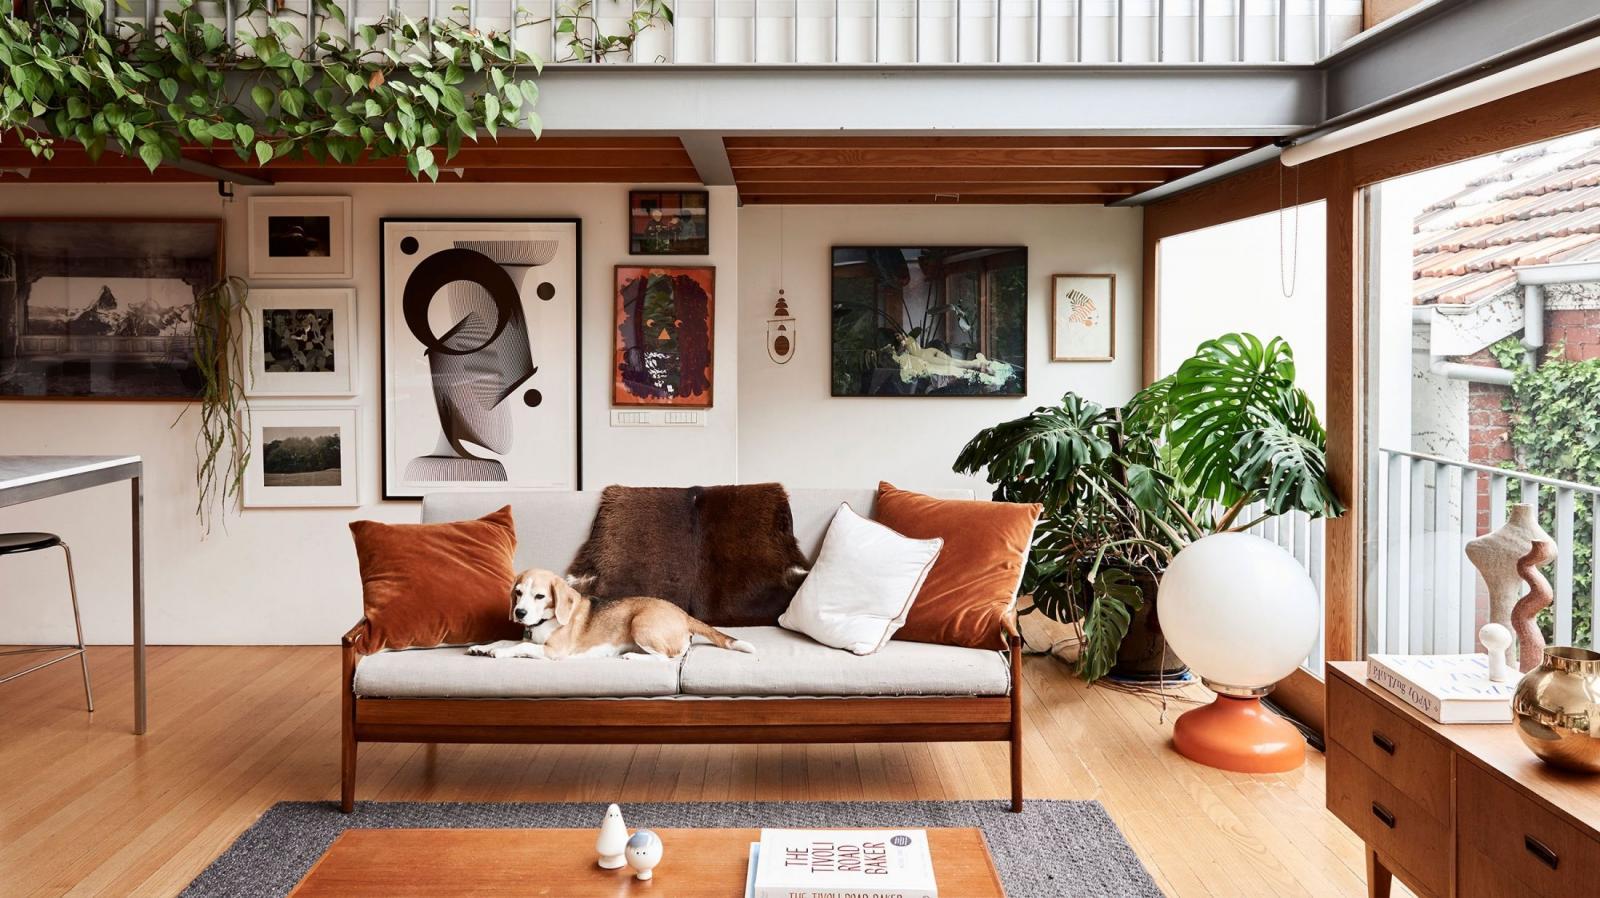 Decoration Interieur Appartement Vintage l'appartement 100% vintage de kelly thompson | madame décore